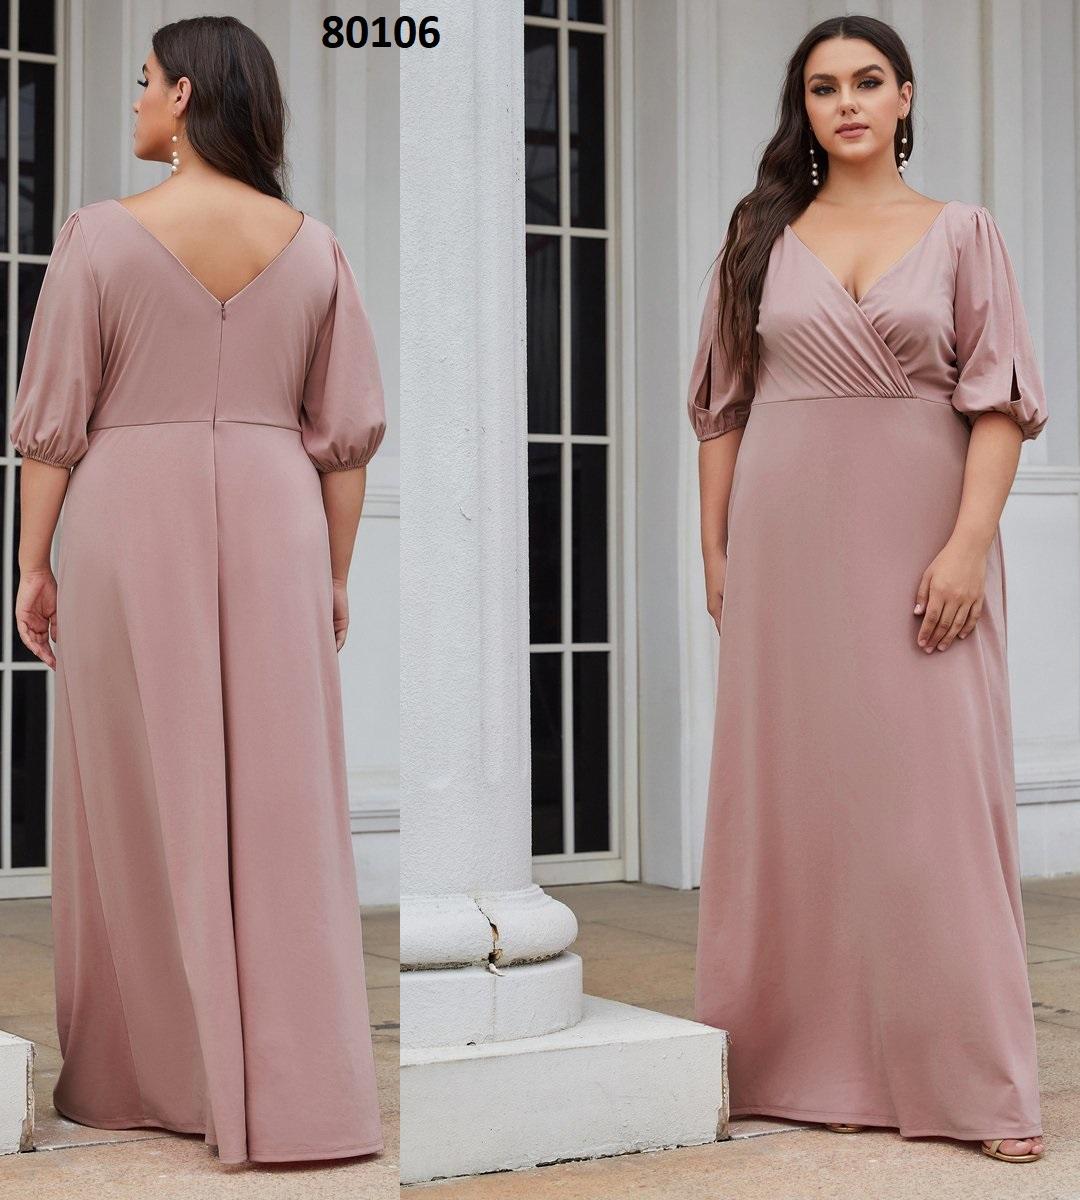 Cuello en V profundo Una línea de mangas de linterna Venta de vestidos de dama de honor 80106